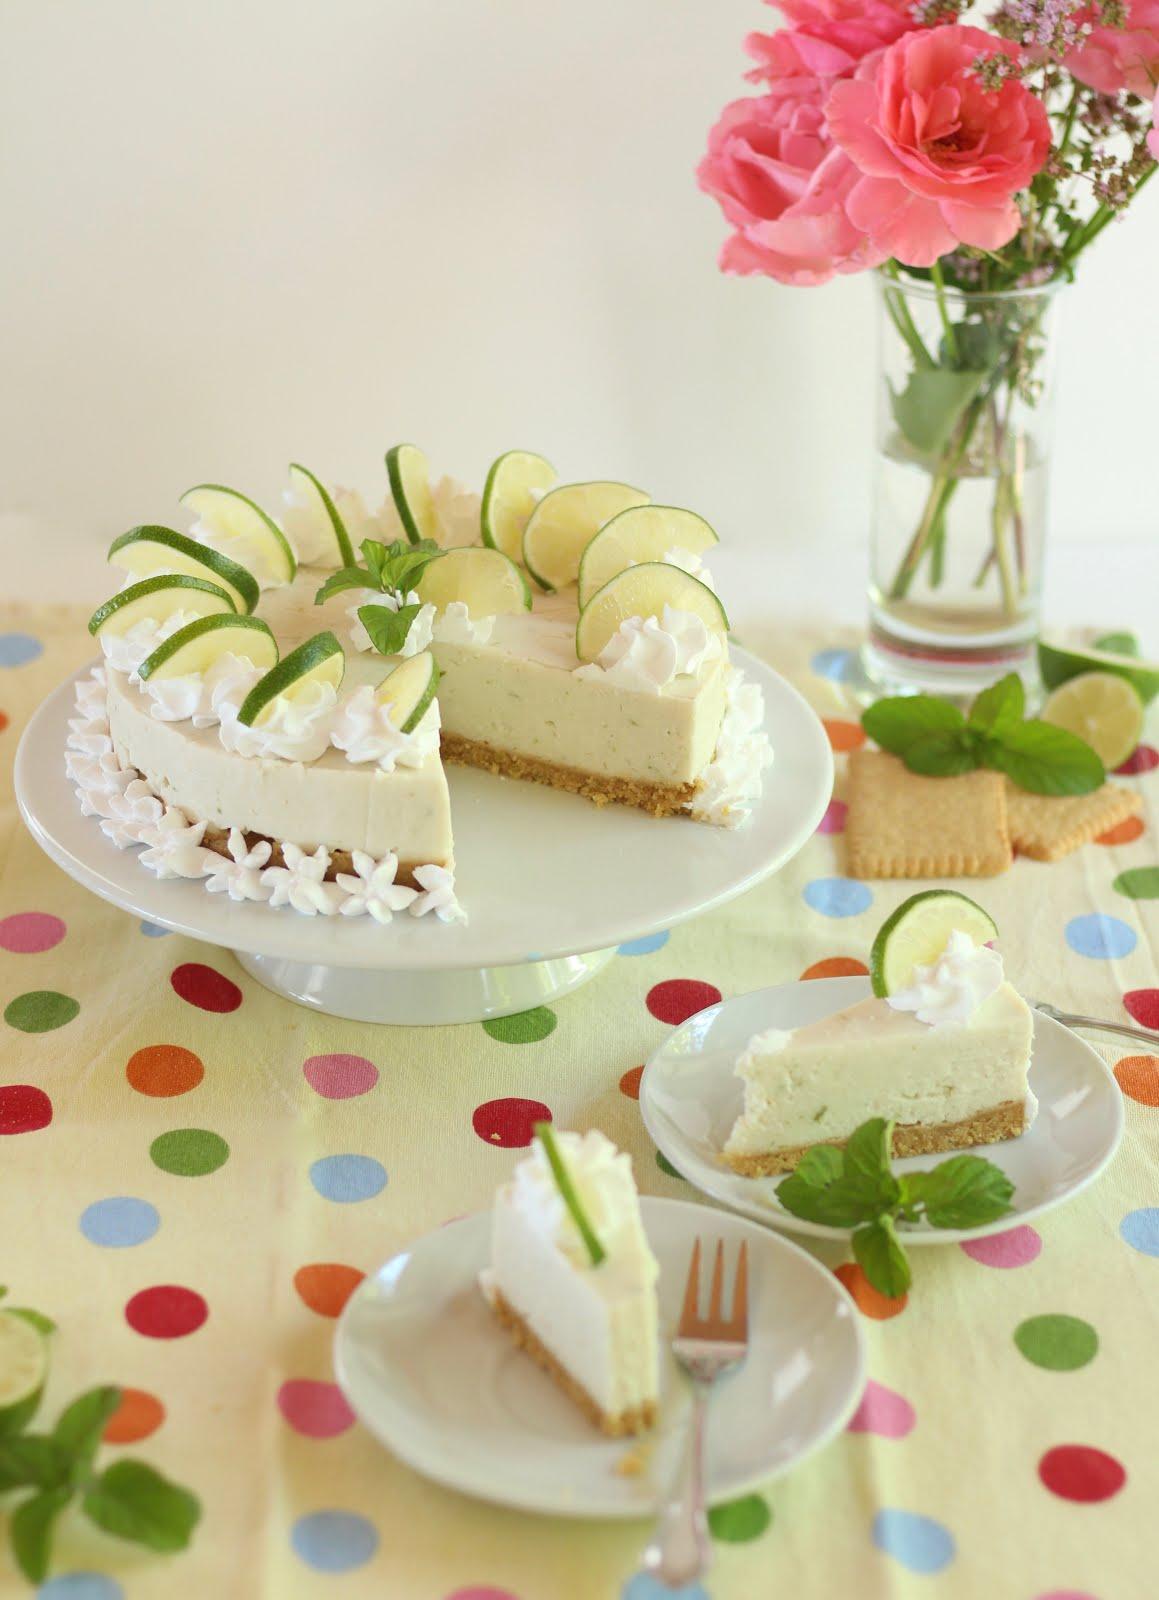 Erfrischende Limetten-Joghurt-Torte ohne Backen - klassisch und vegan | Rezept und Video